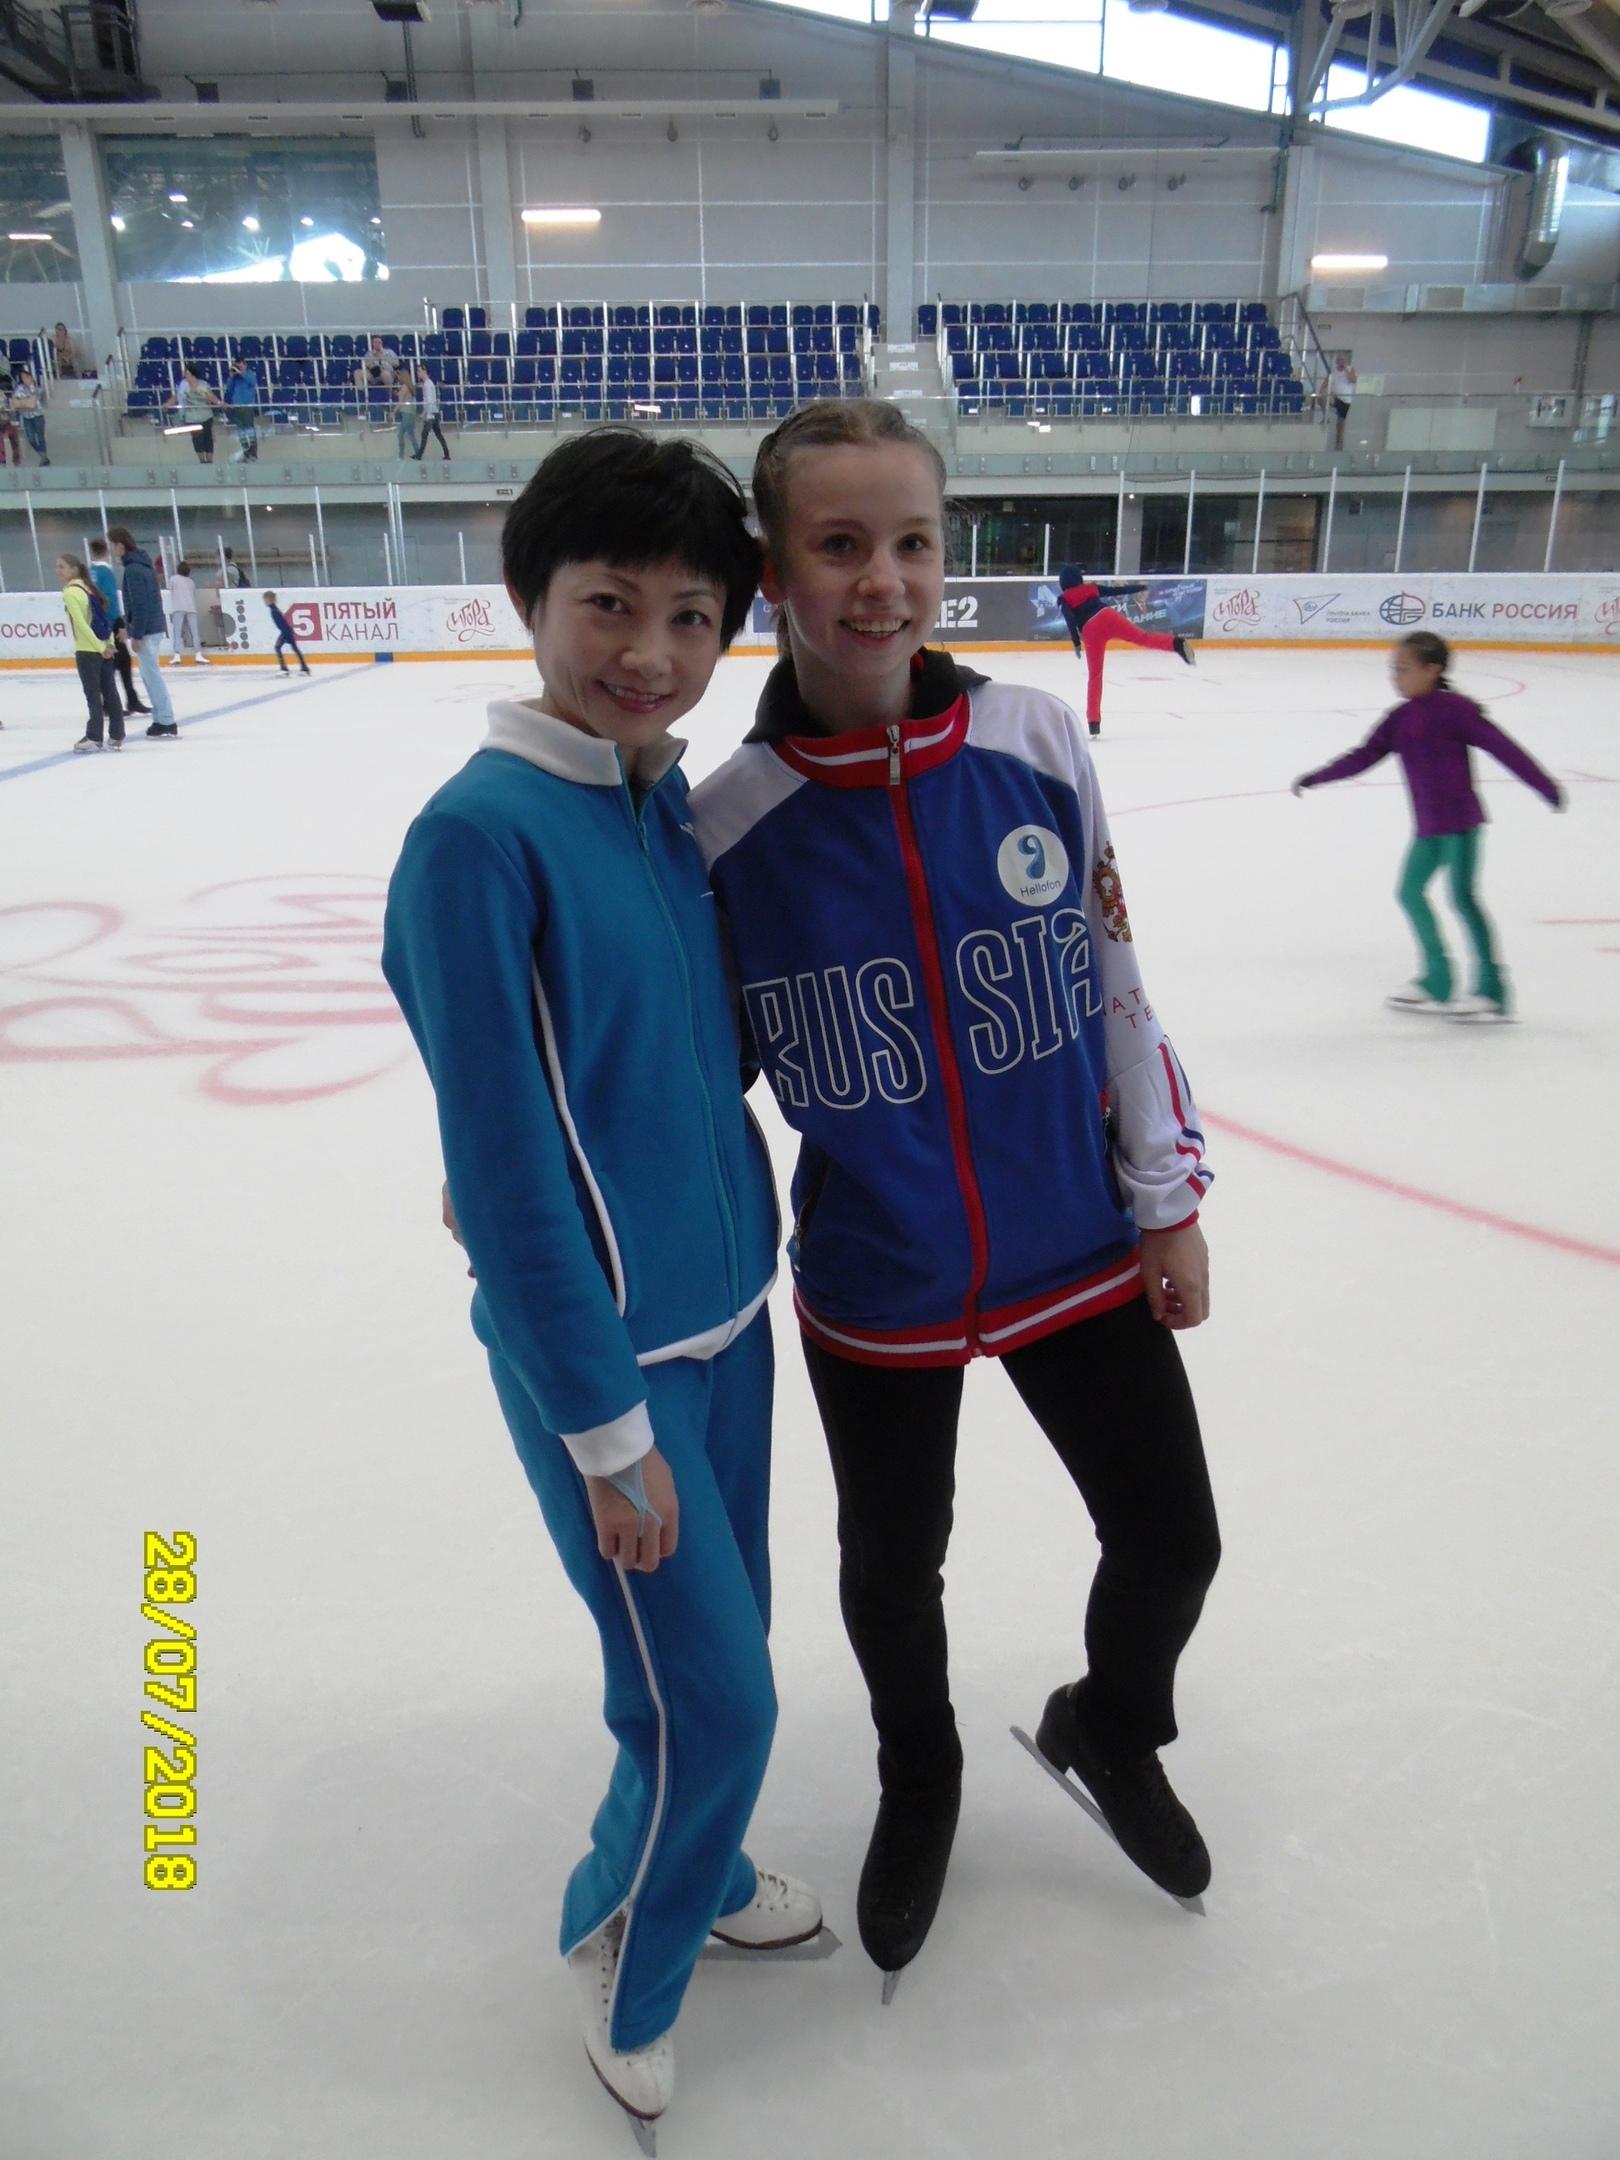 Школа Москвиной, парное катание (Санкт-Петербург, Россия) - Страница 12 JSs-xTkUmhg